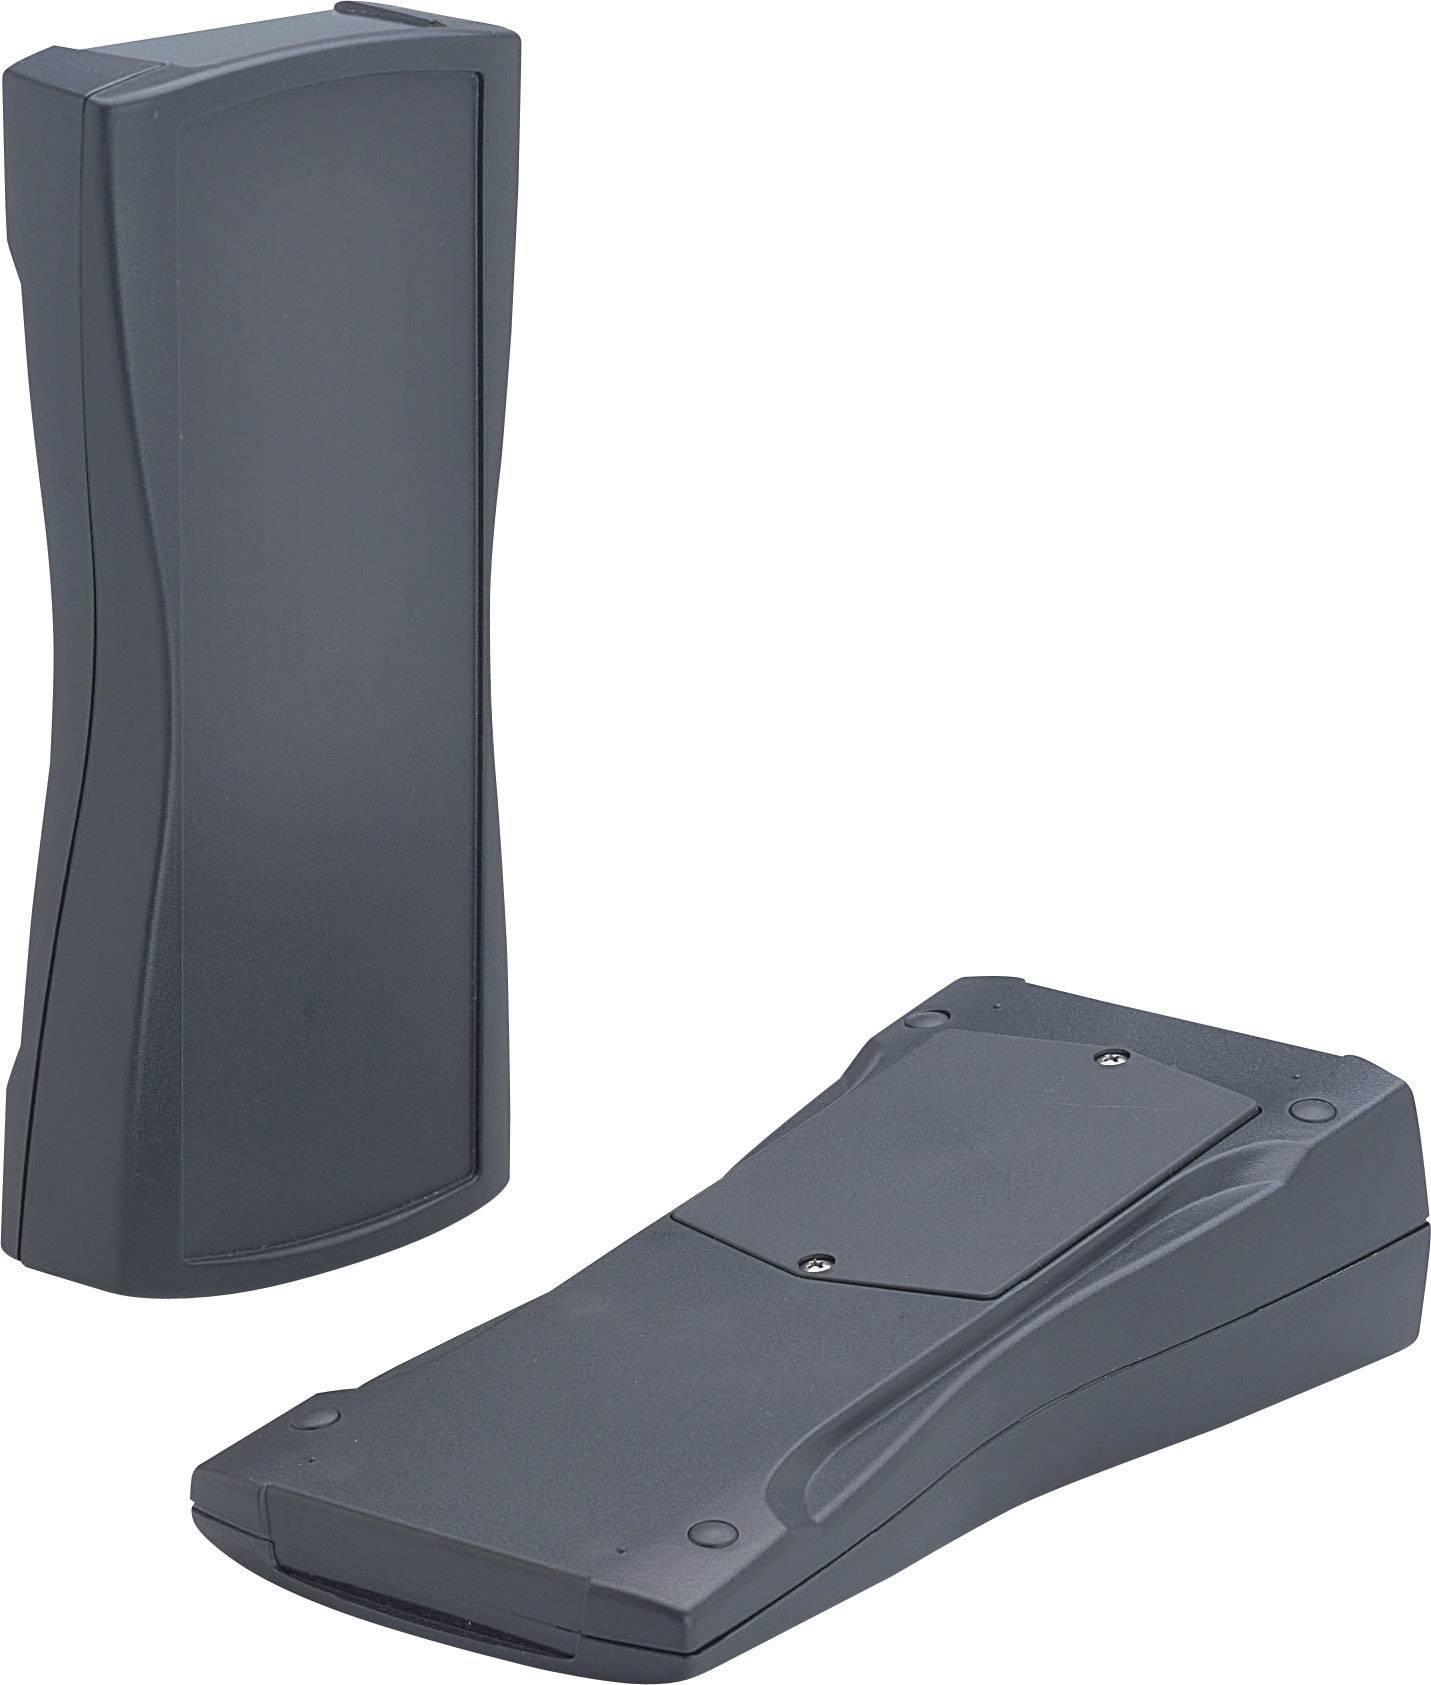 Univerzální pouzdro plastové Bopla BS 803 F, 209,3 x 98 x 34,8 mm, grafit;šedá (BS 803 F)